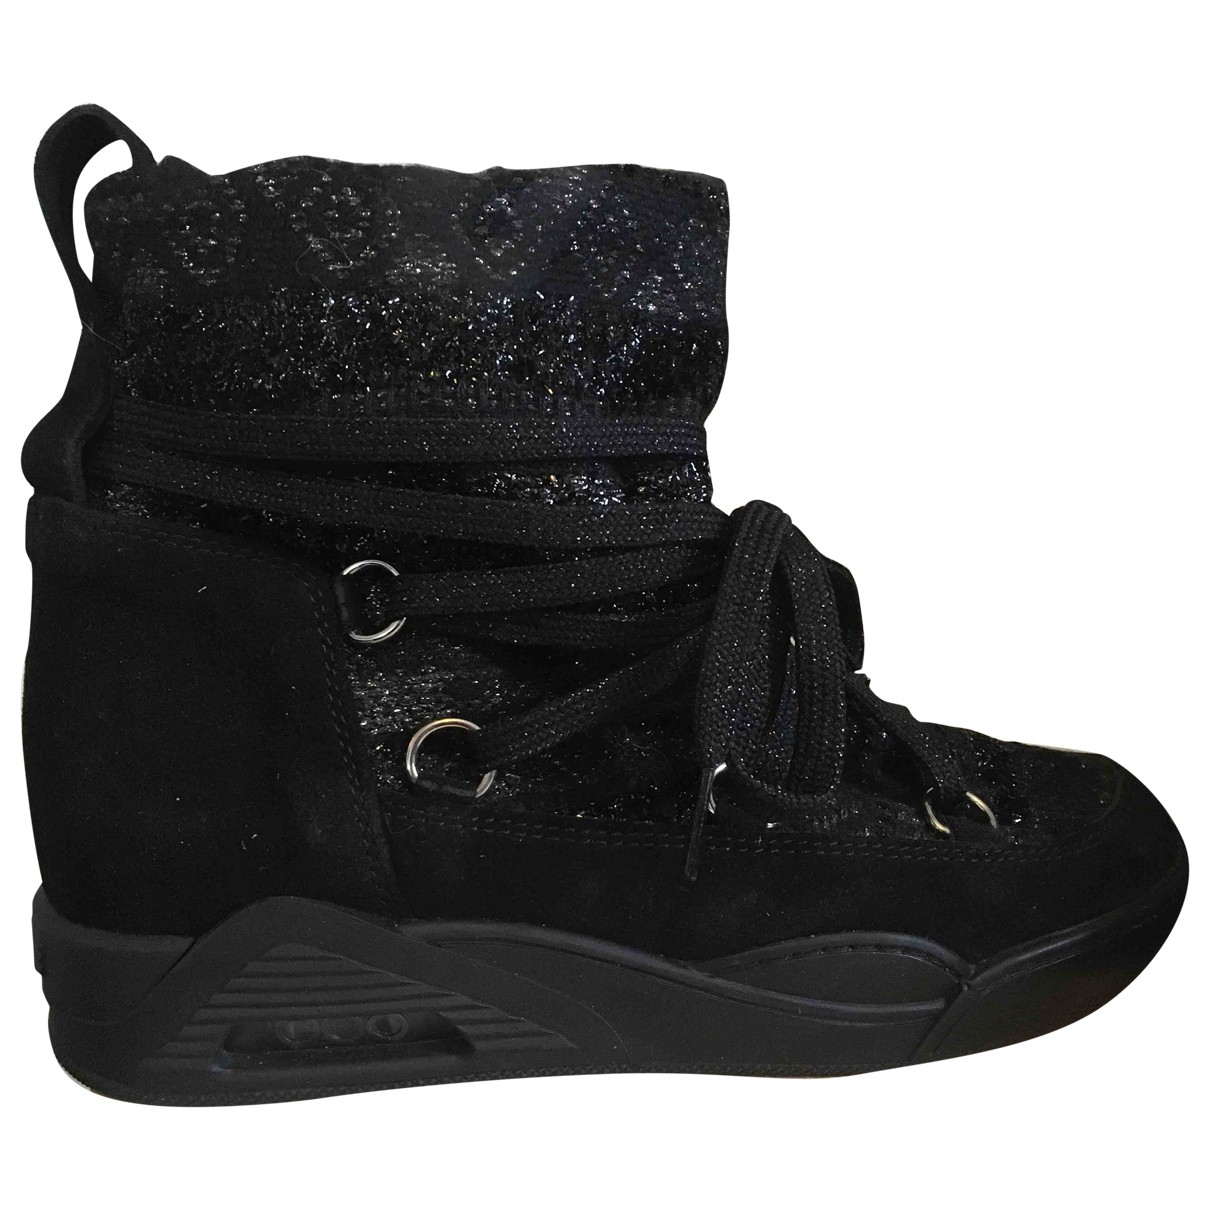 Serafini - Boots   pour femme en toile - noir